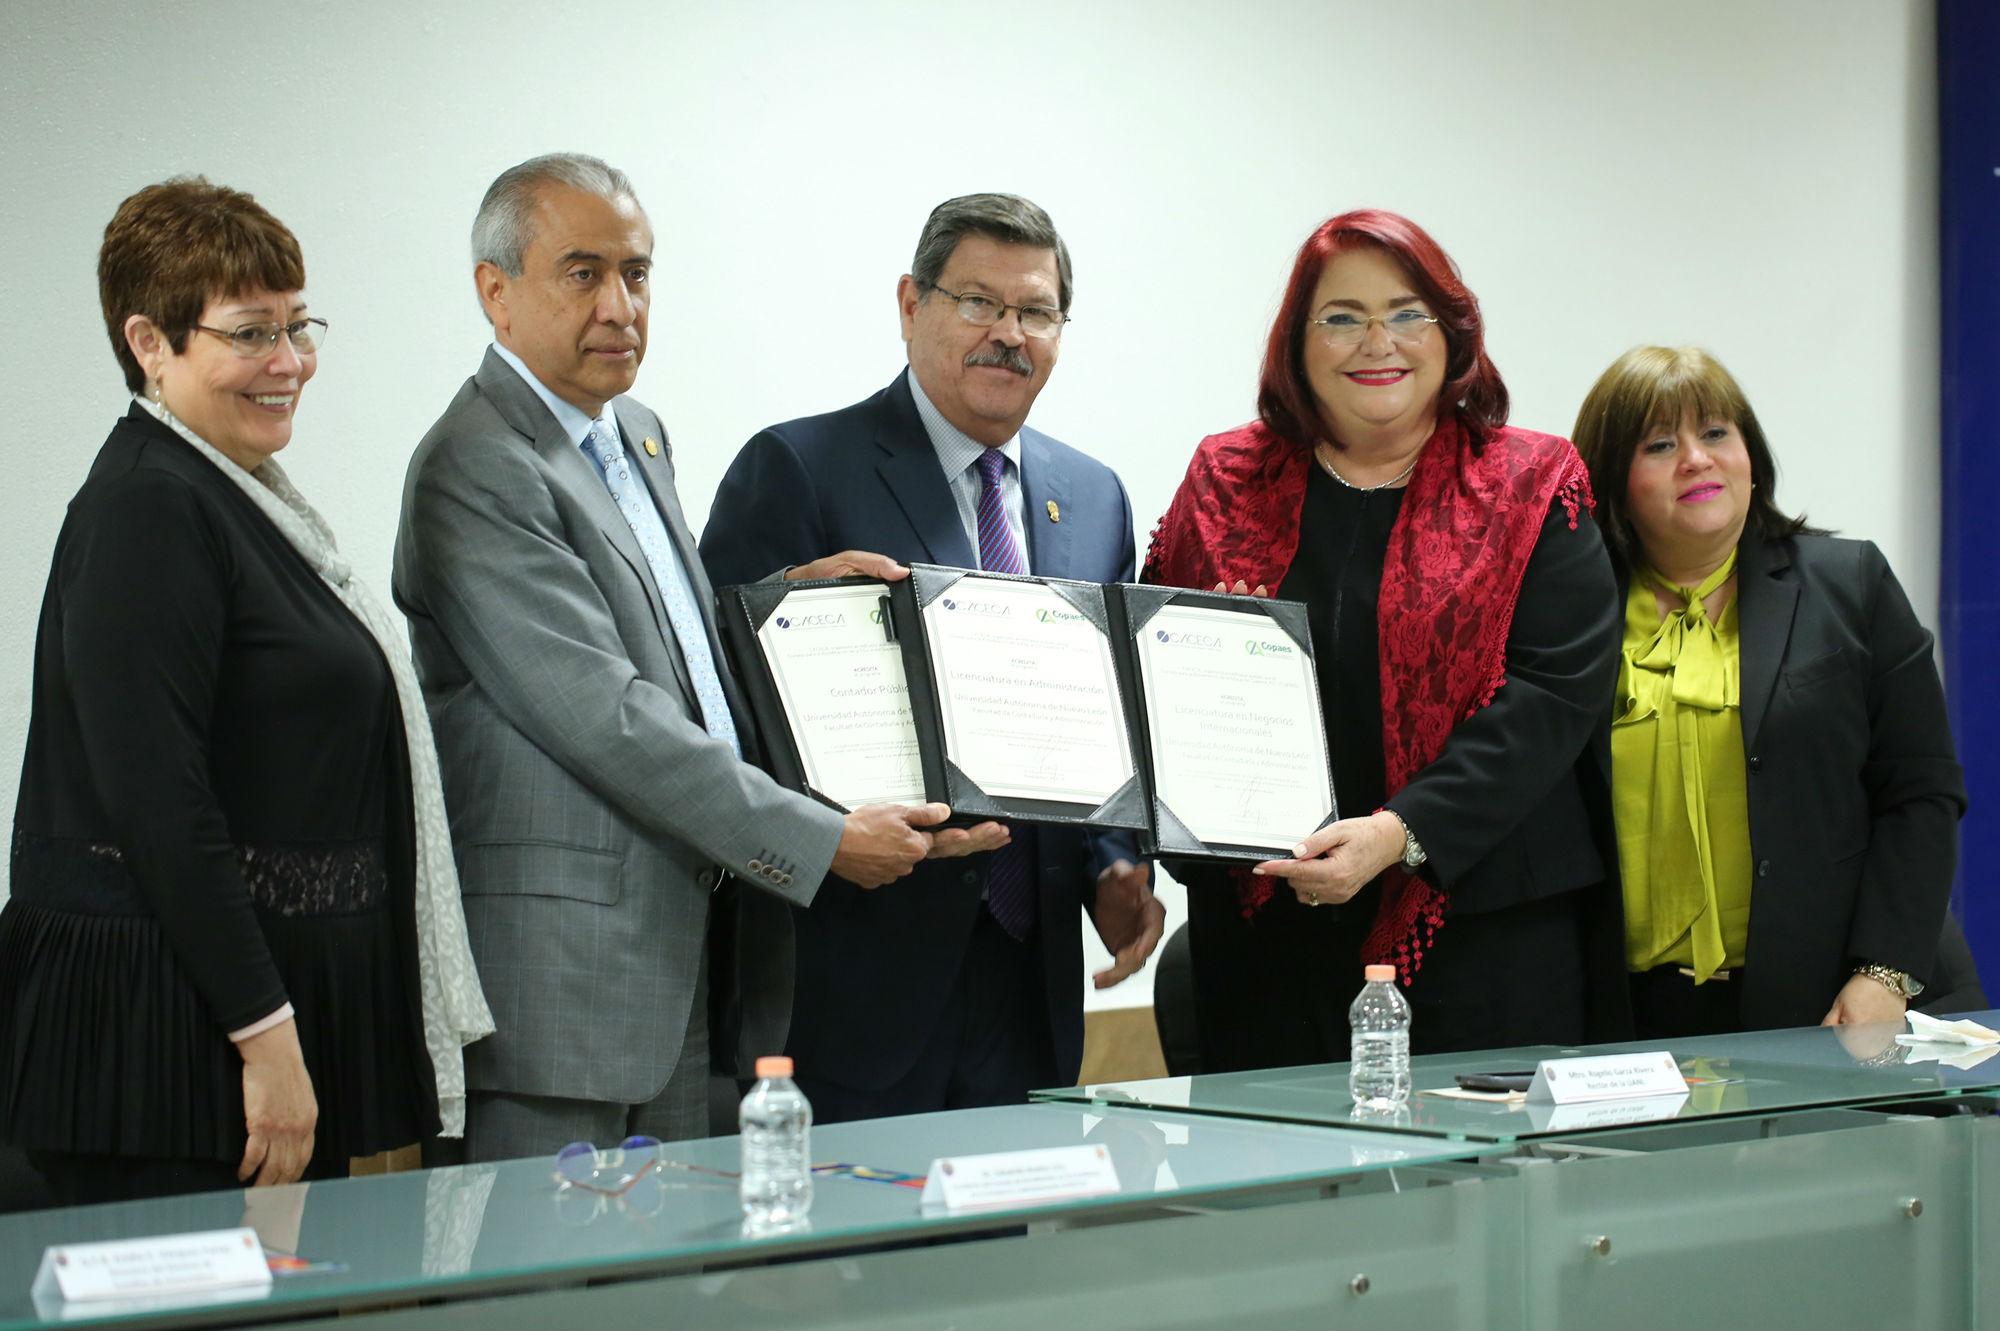 Las acreditaciones fueron entregados por el CACECA y avalados por le COPAES